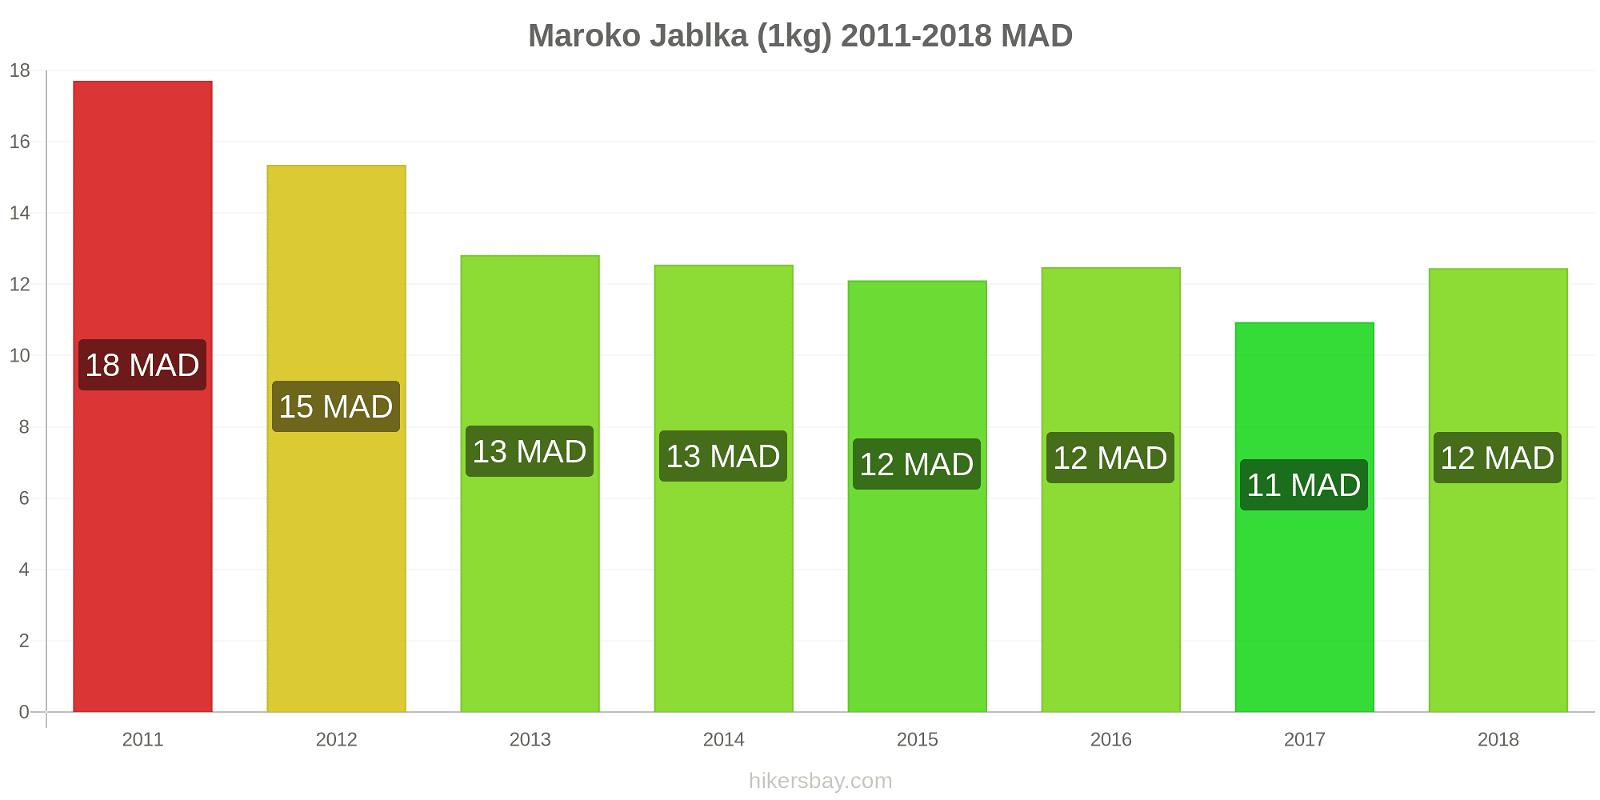 Maroko změny cen Jablka (1kg) hikersbay.com